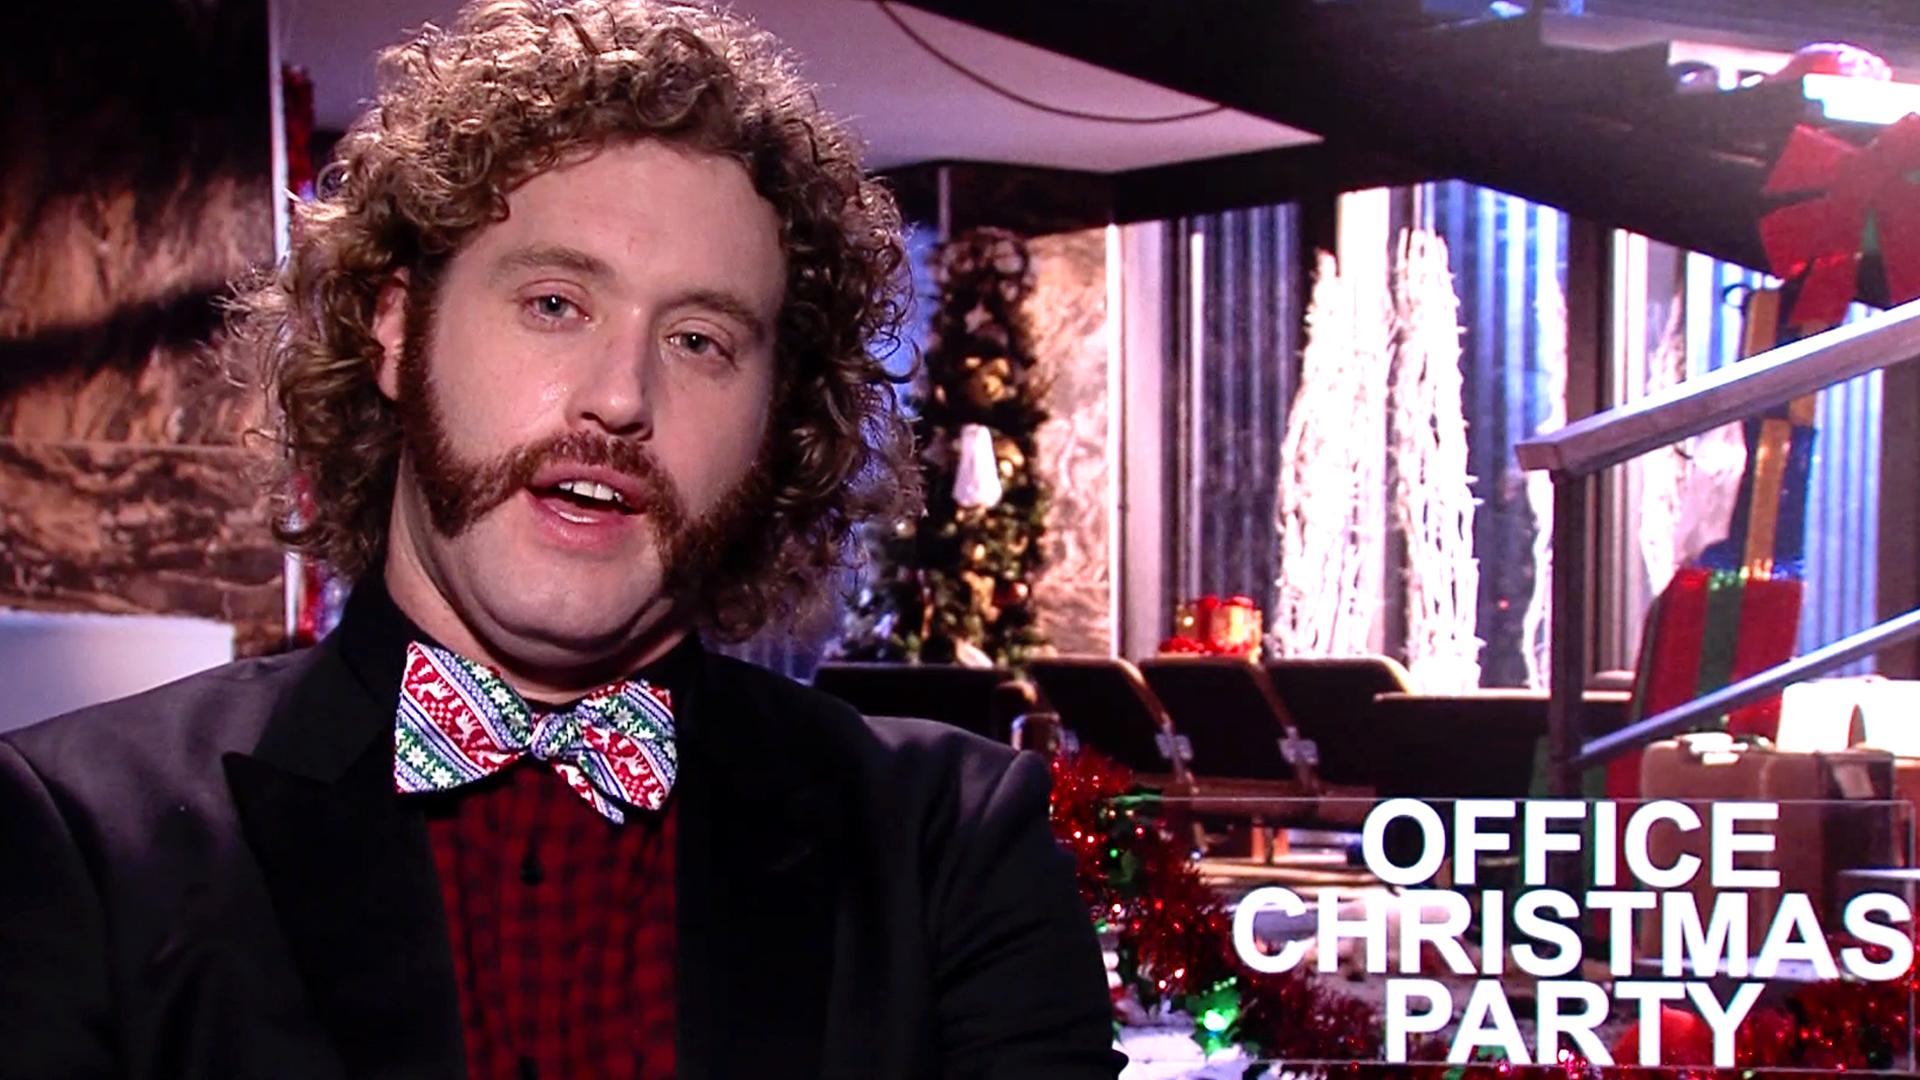 Office Christmas Party - Office Christmas Party Trailer: Kate ...